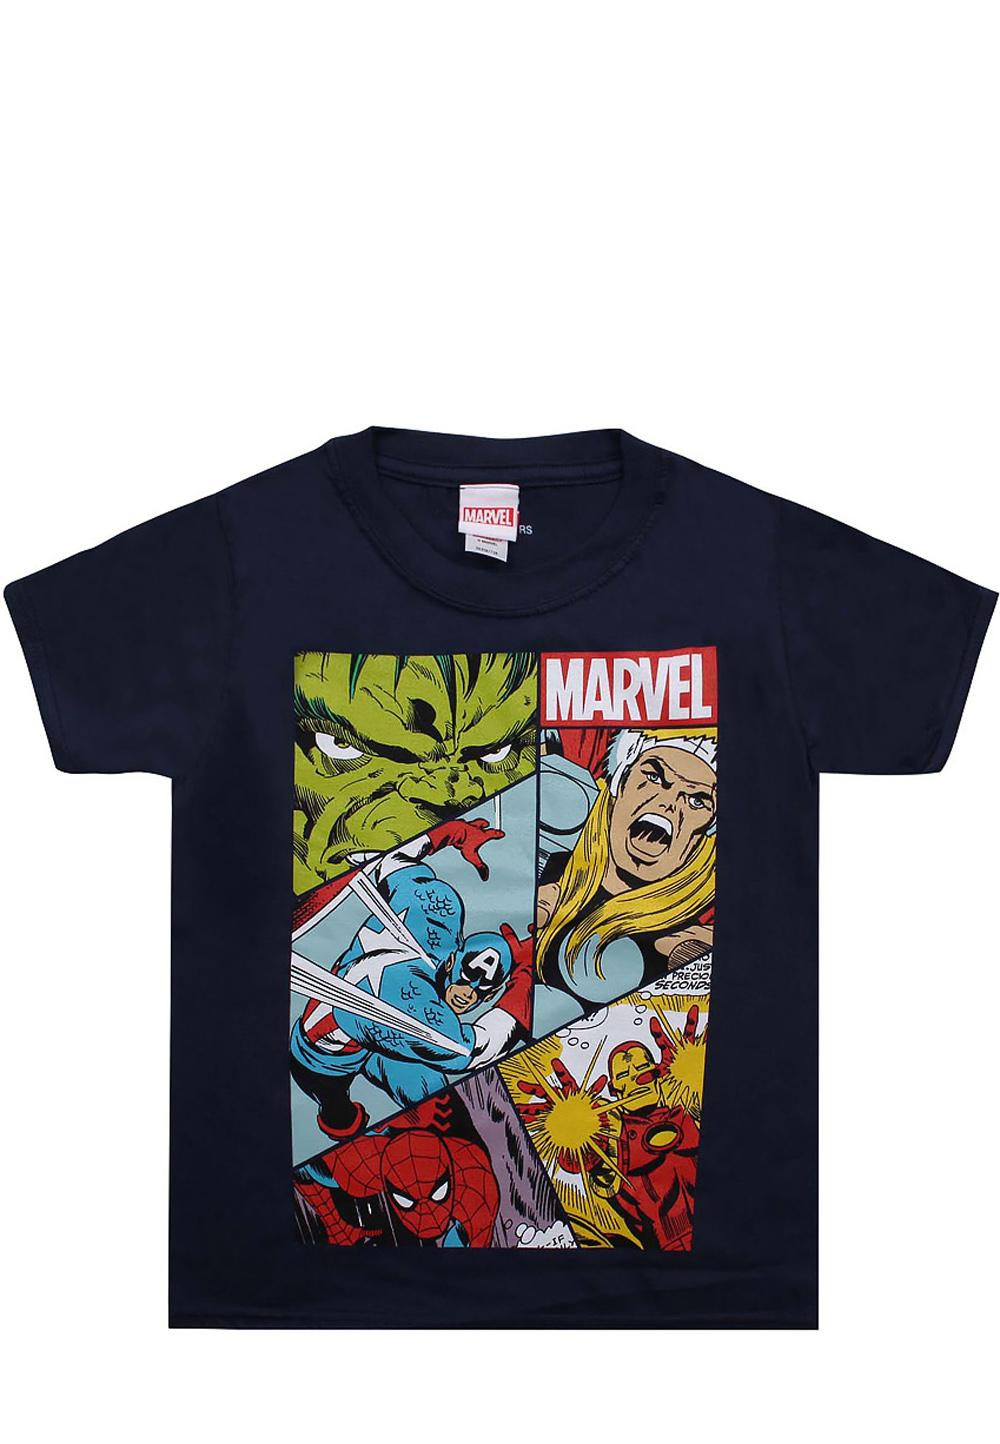 Marvel-Klamotten bei brands4friends: z.B. T-Shirts für 9,99€